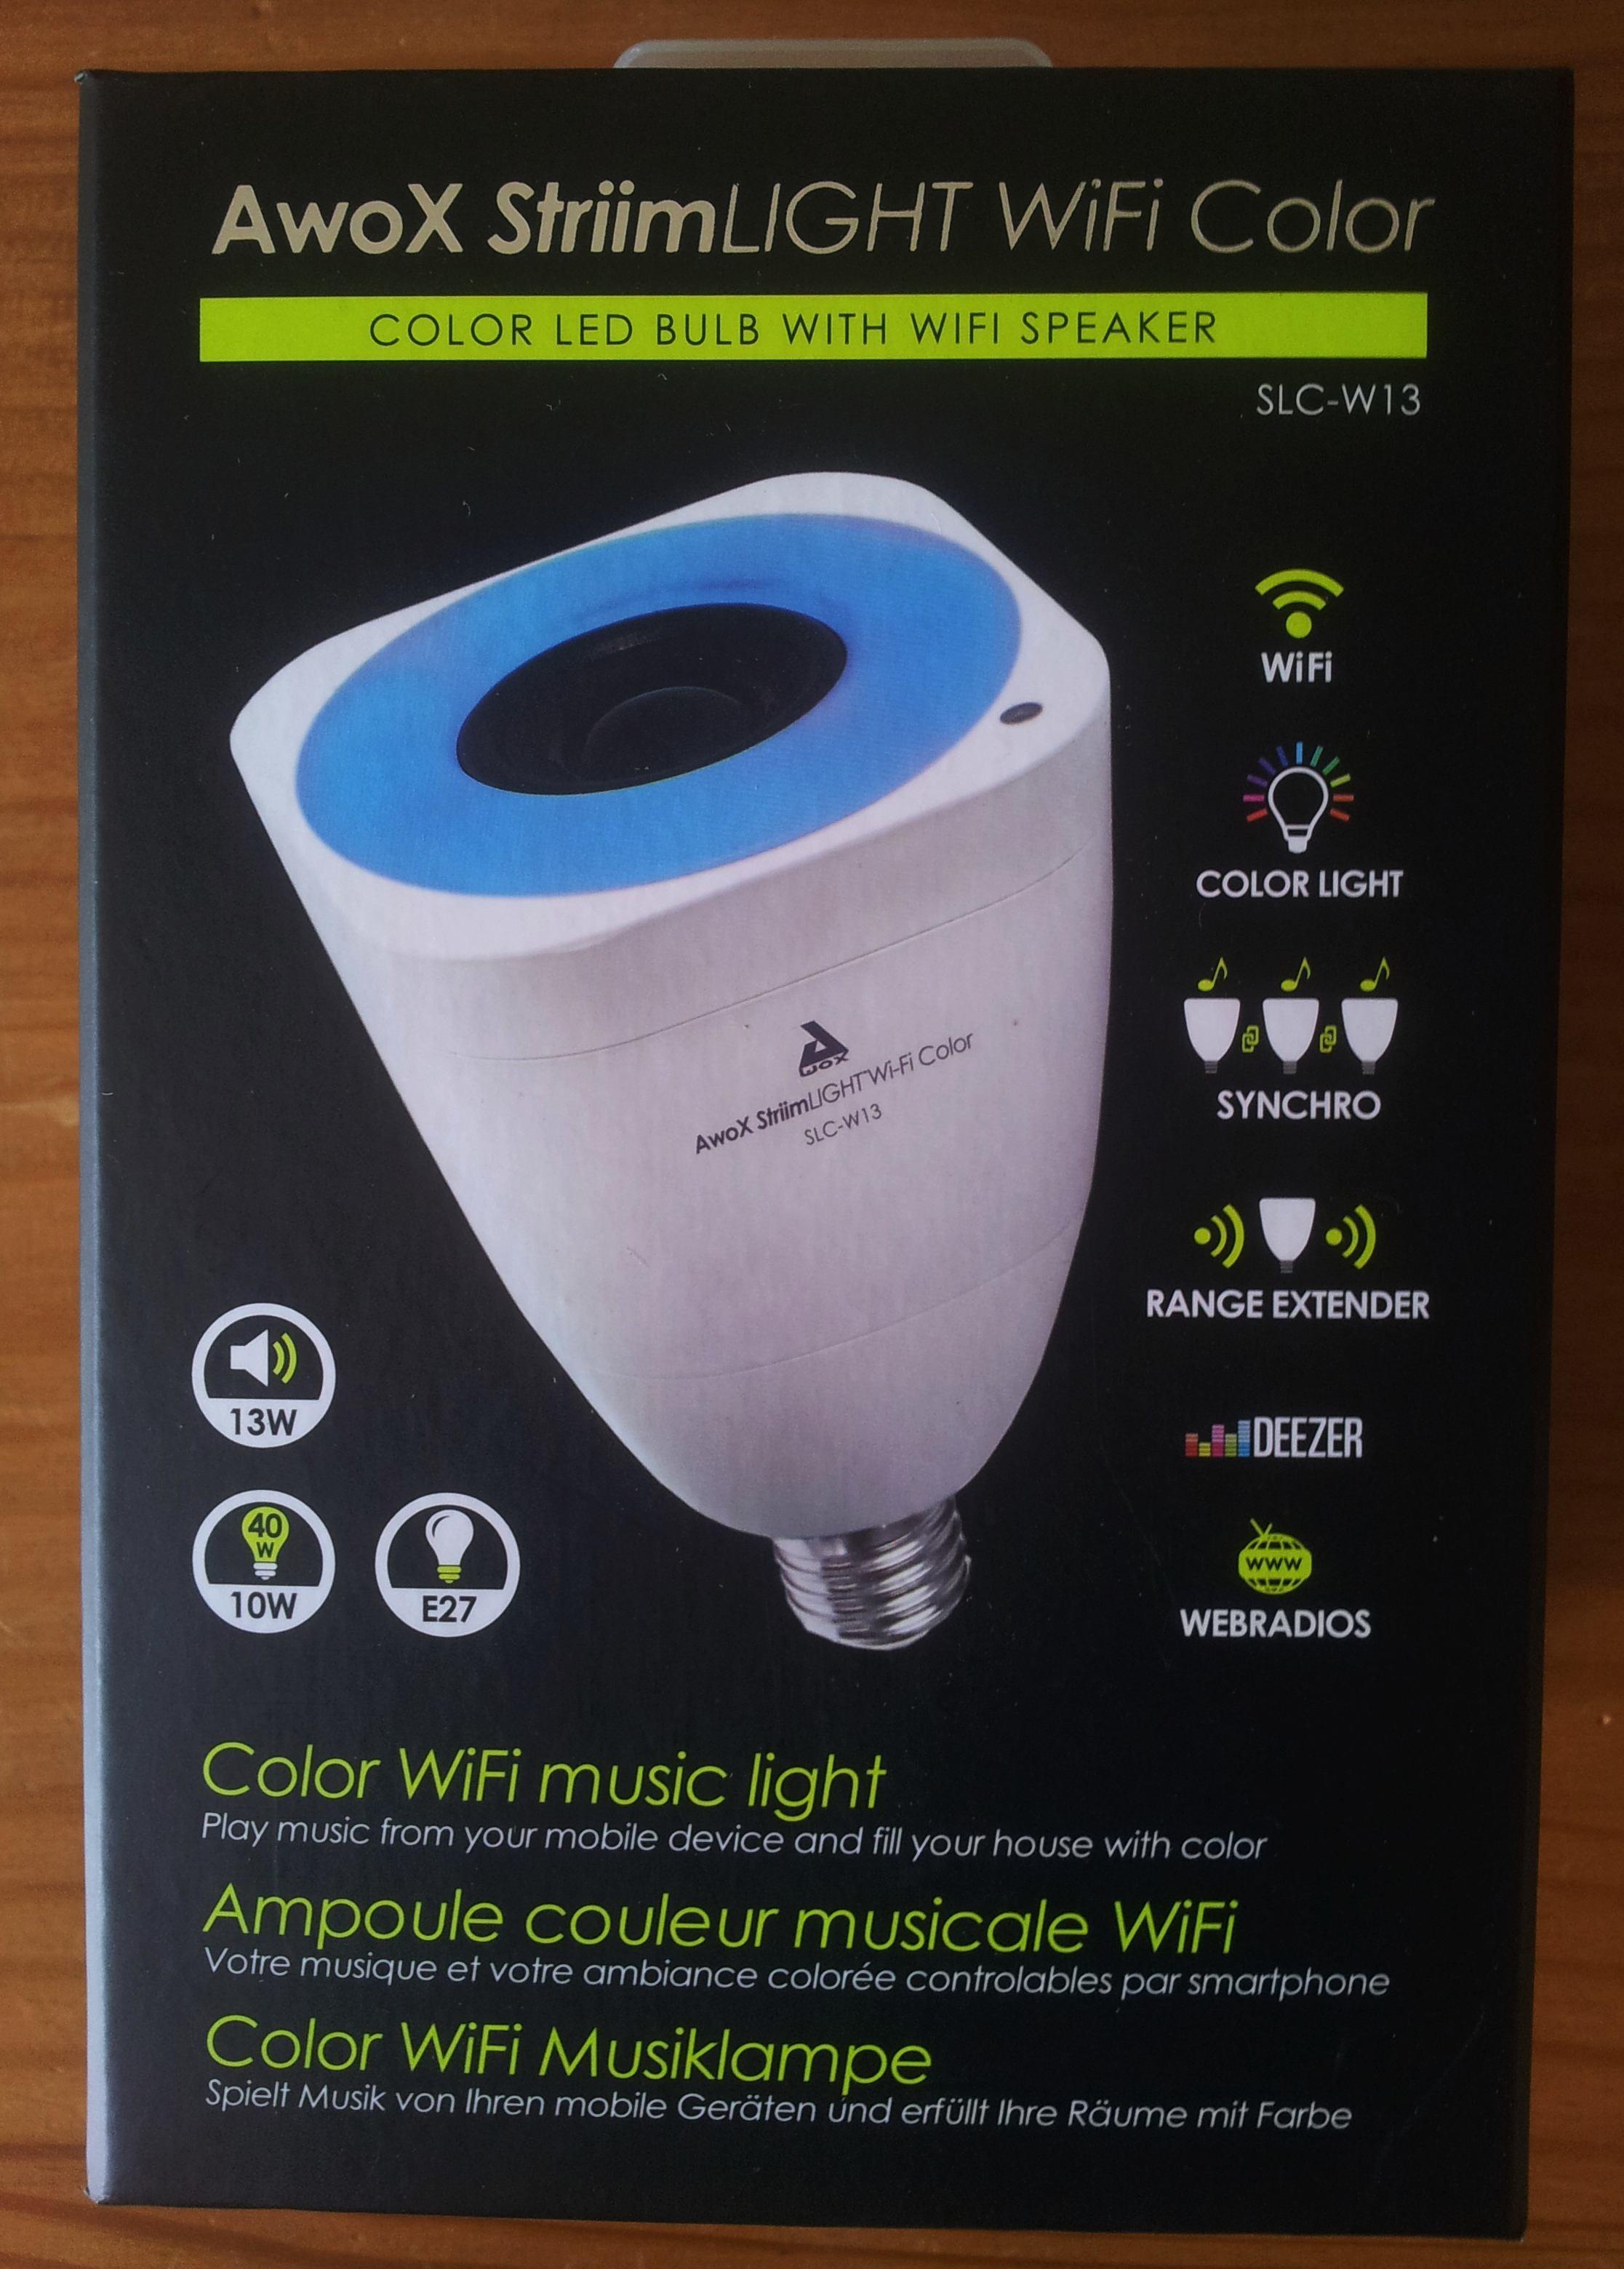 Color Parleur Wifi Test Avec Striimlight L'ampoule Awox De Haut zVpUSMGq